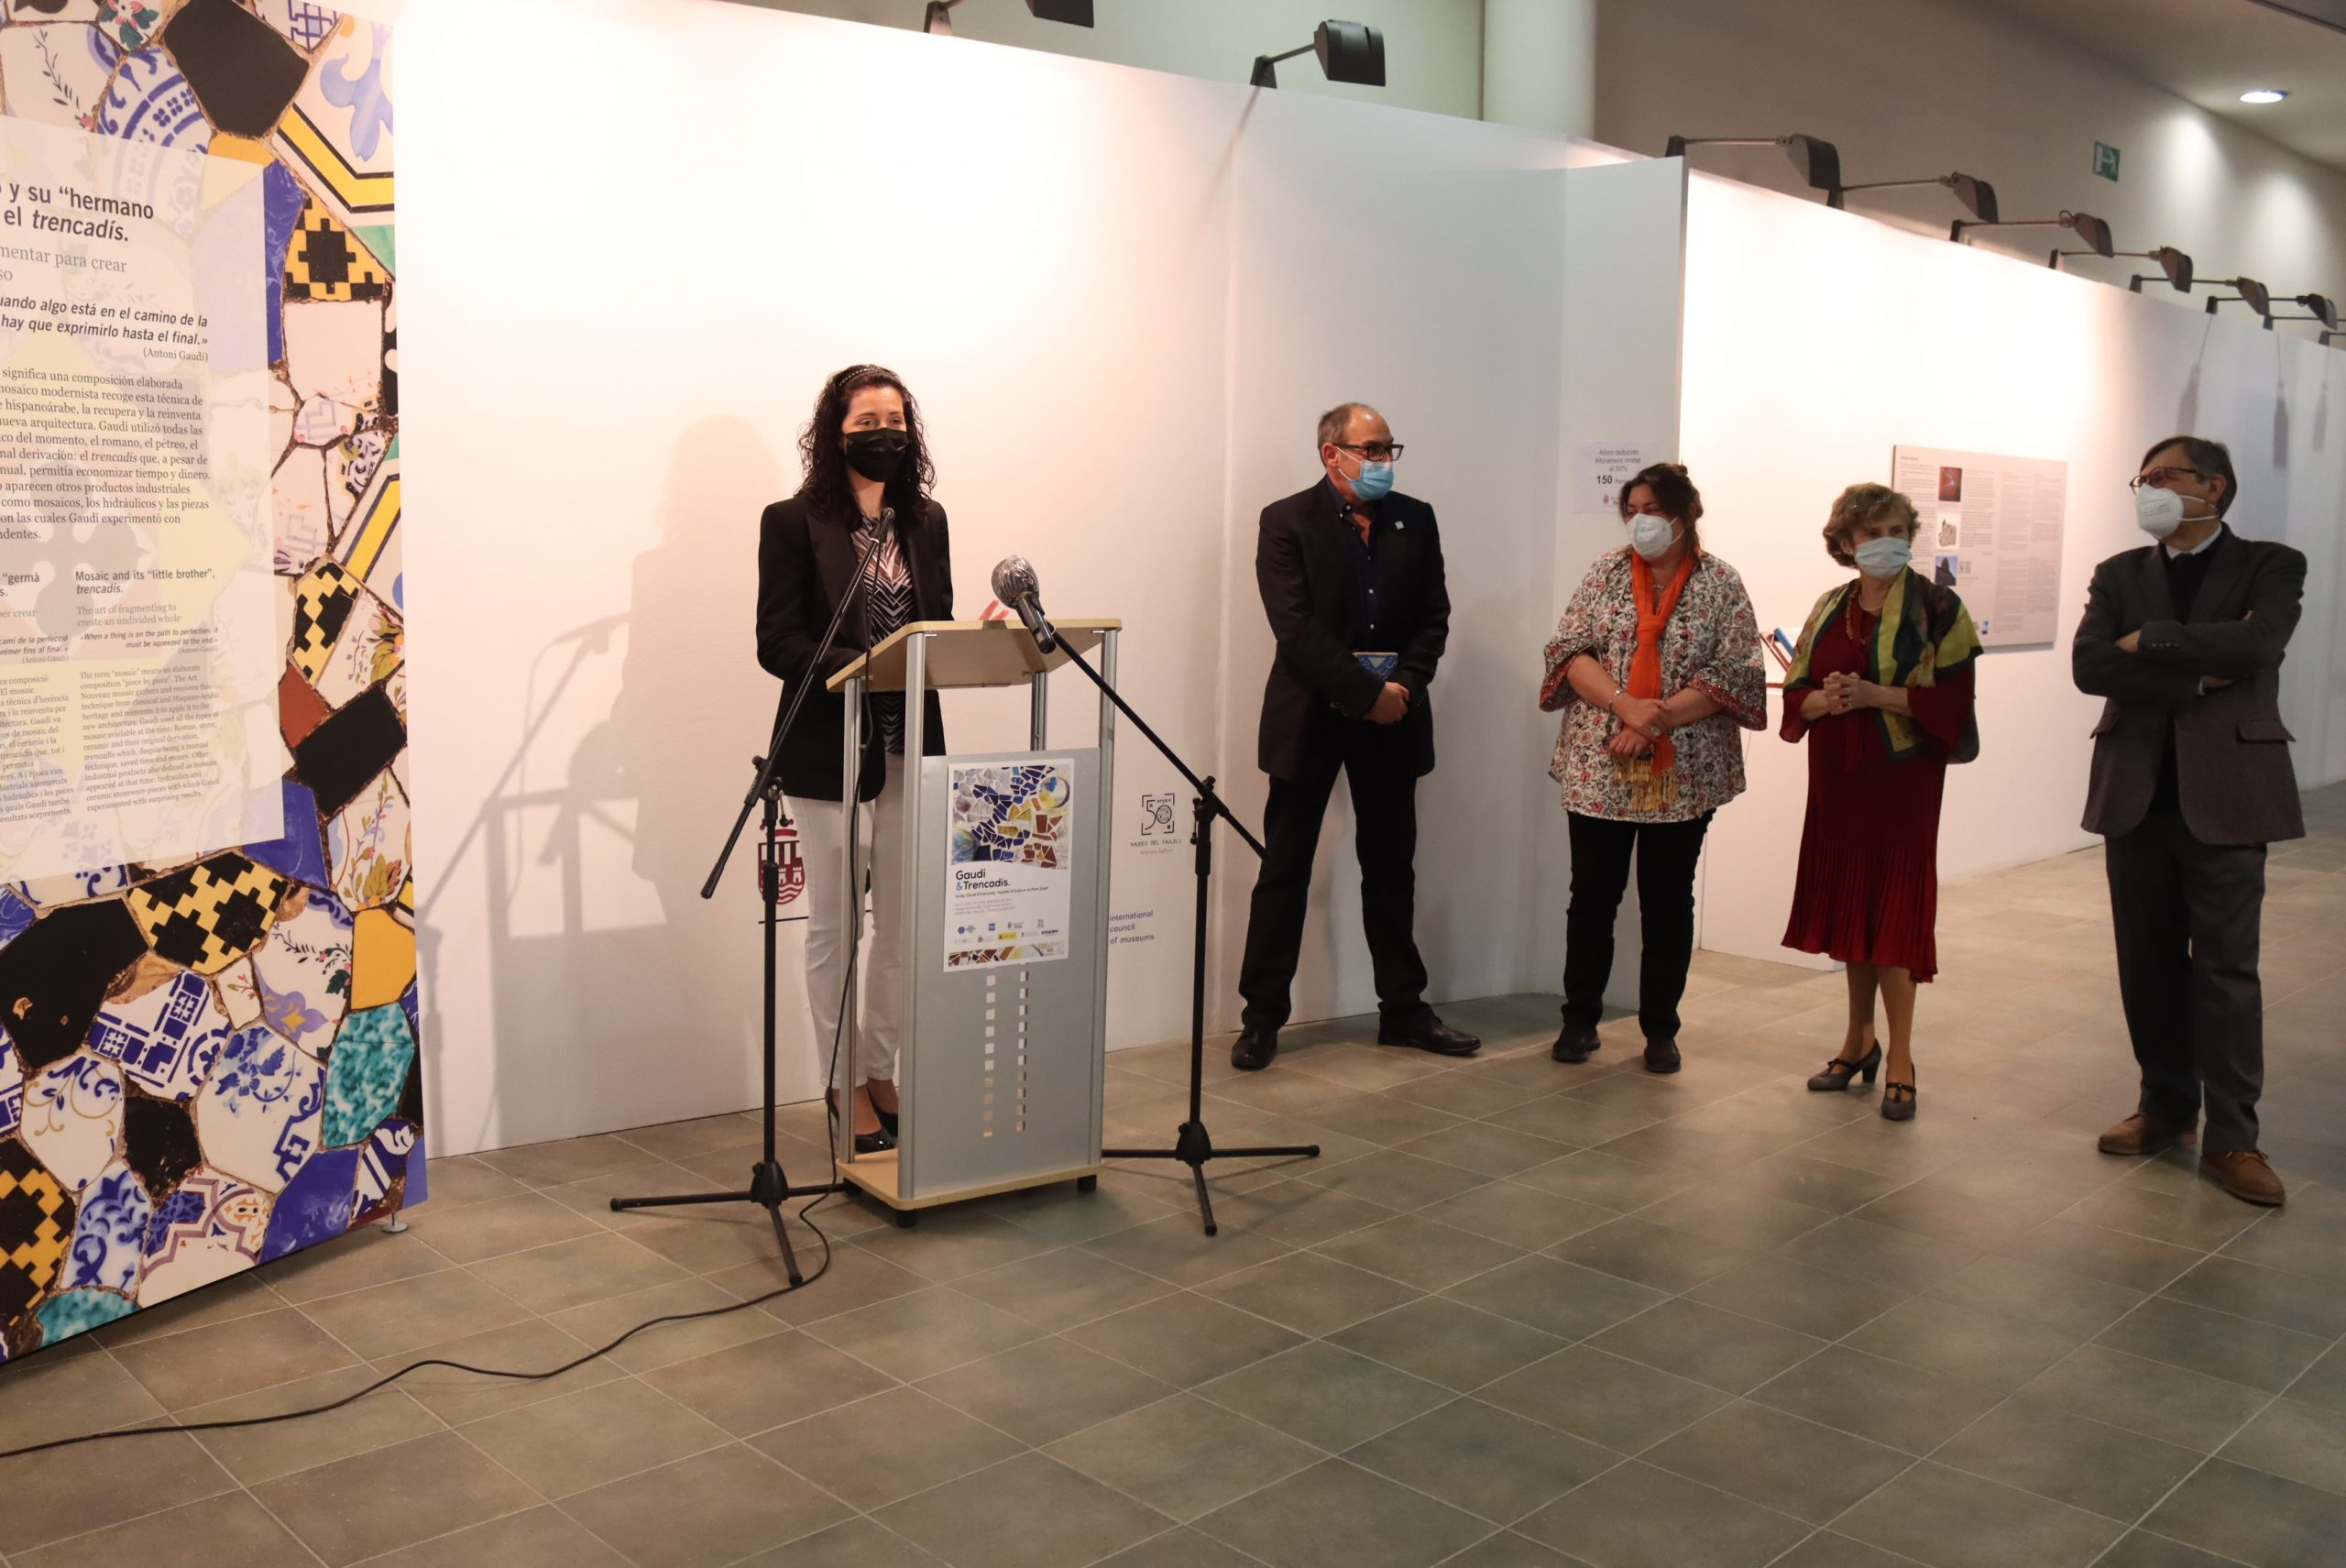 El Museo del Azulejo de Onda inaugura una exposición sobre el trencadís en la obra de Gaudí